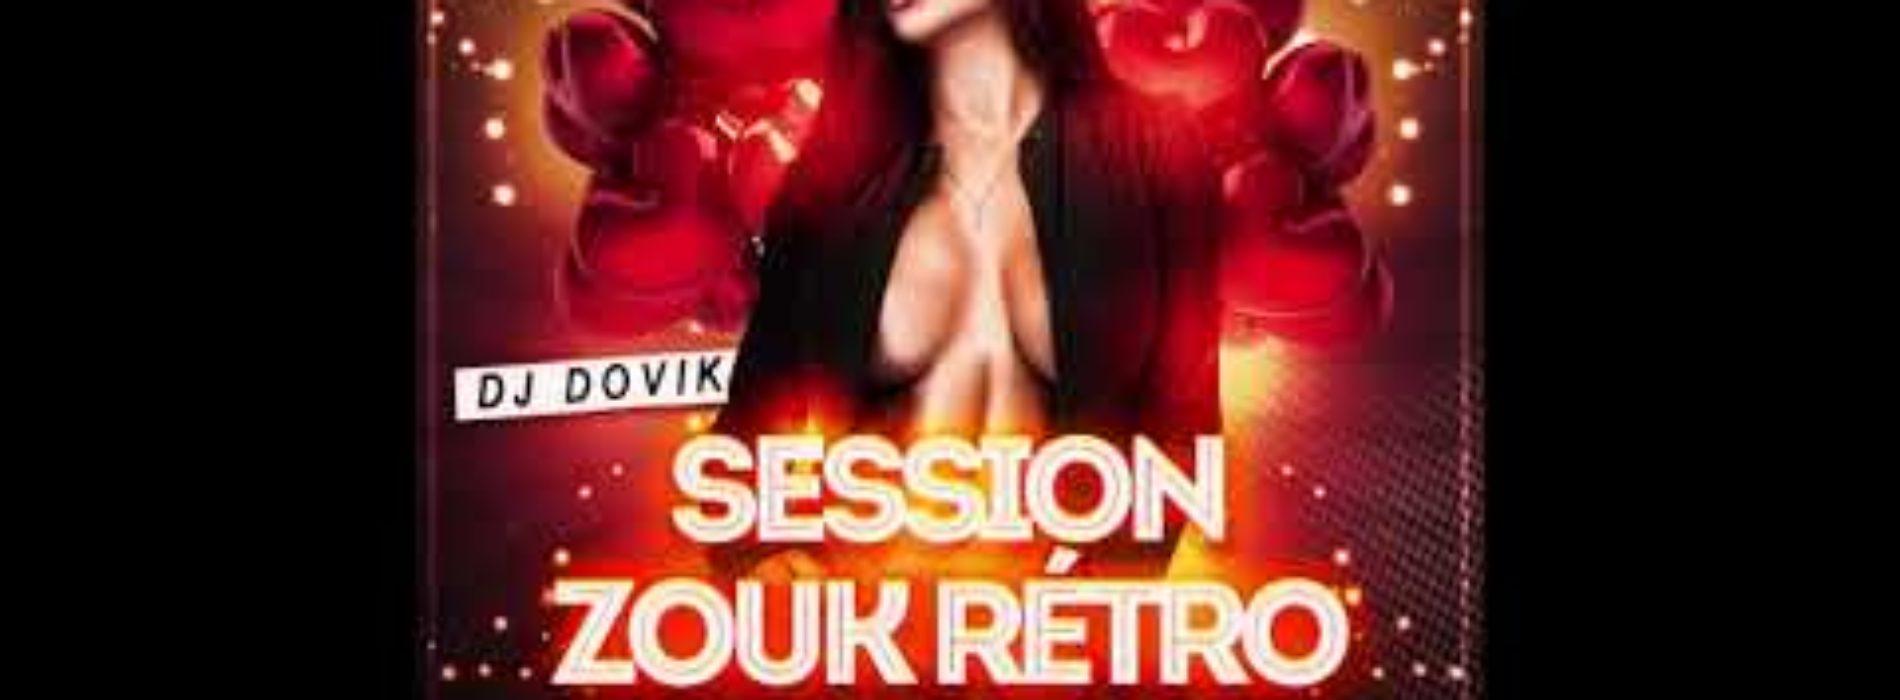 Dj Dovik – Session Zouk Rétro (Part 3) 2019 – Décembre 2018